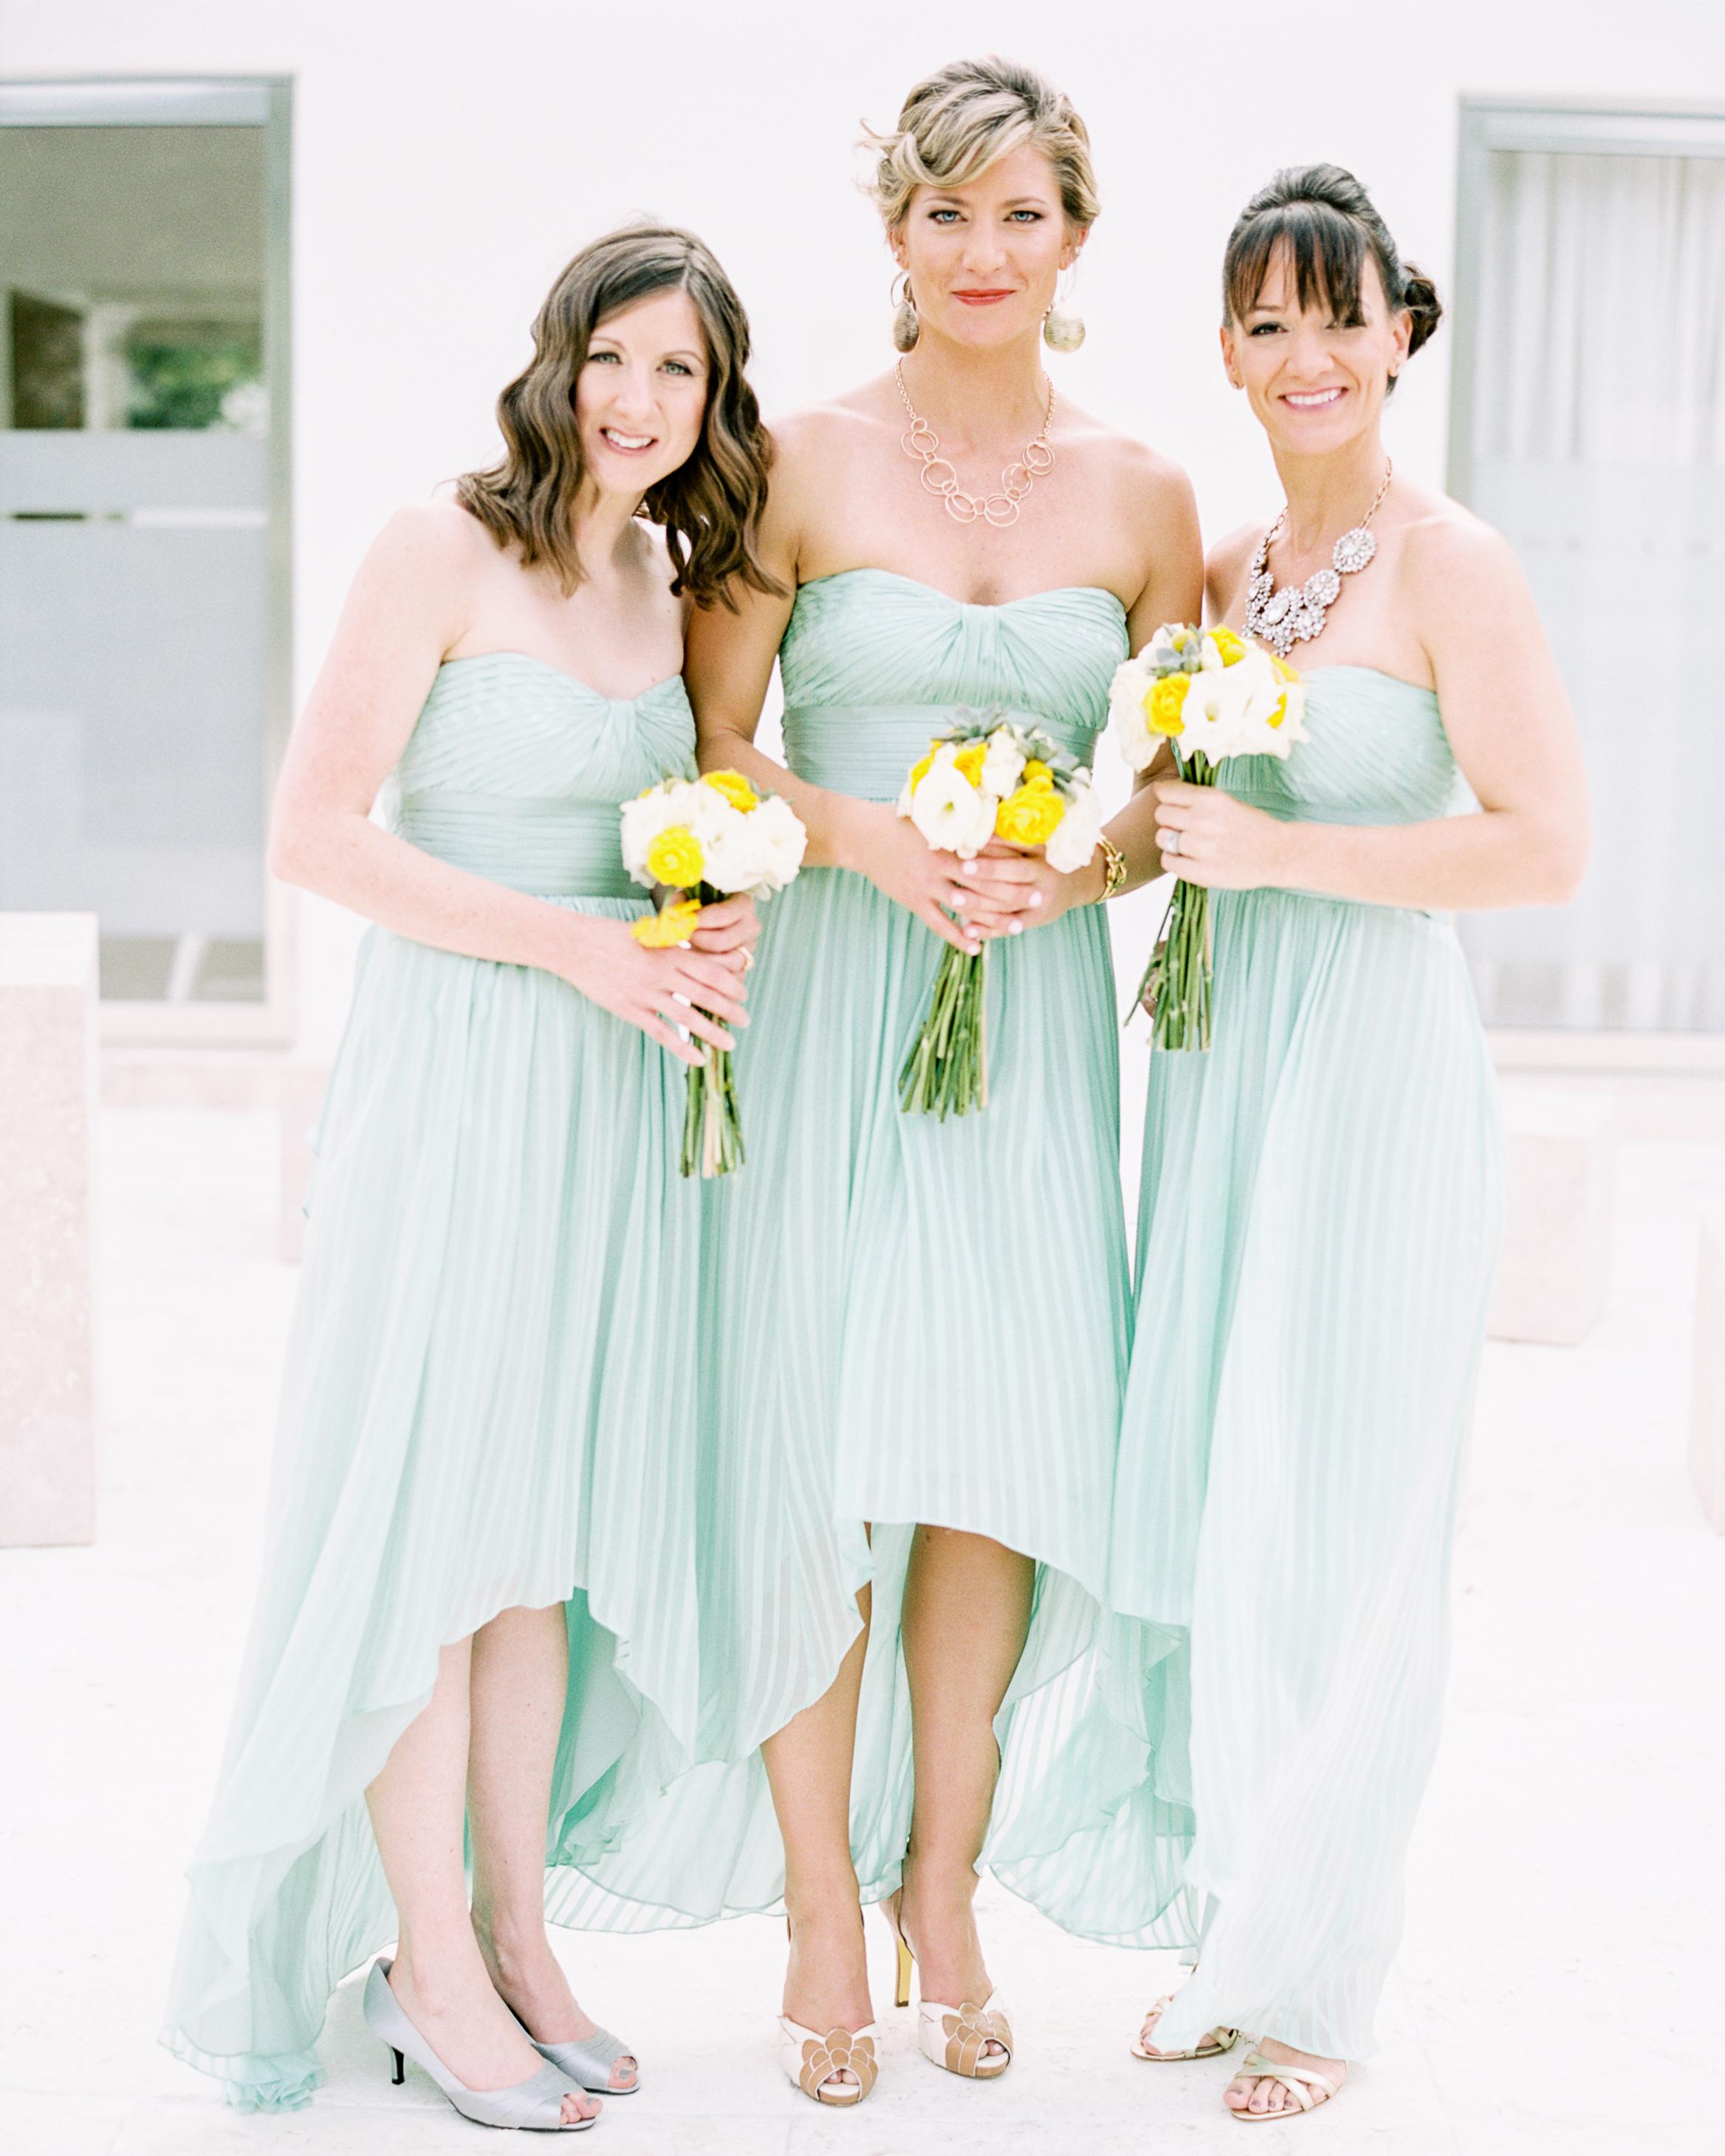 molly-nate-wedding-bridesmaids-115-s111479-0814.jpg